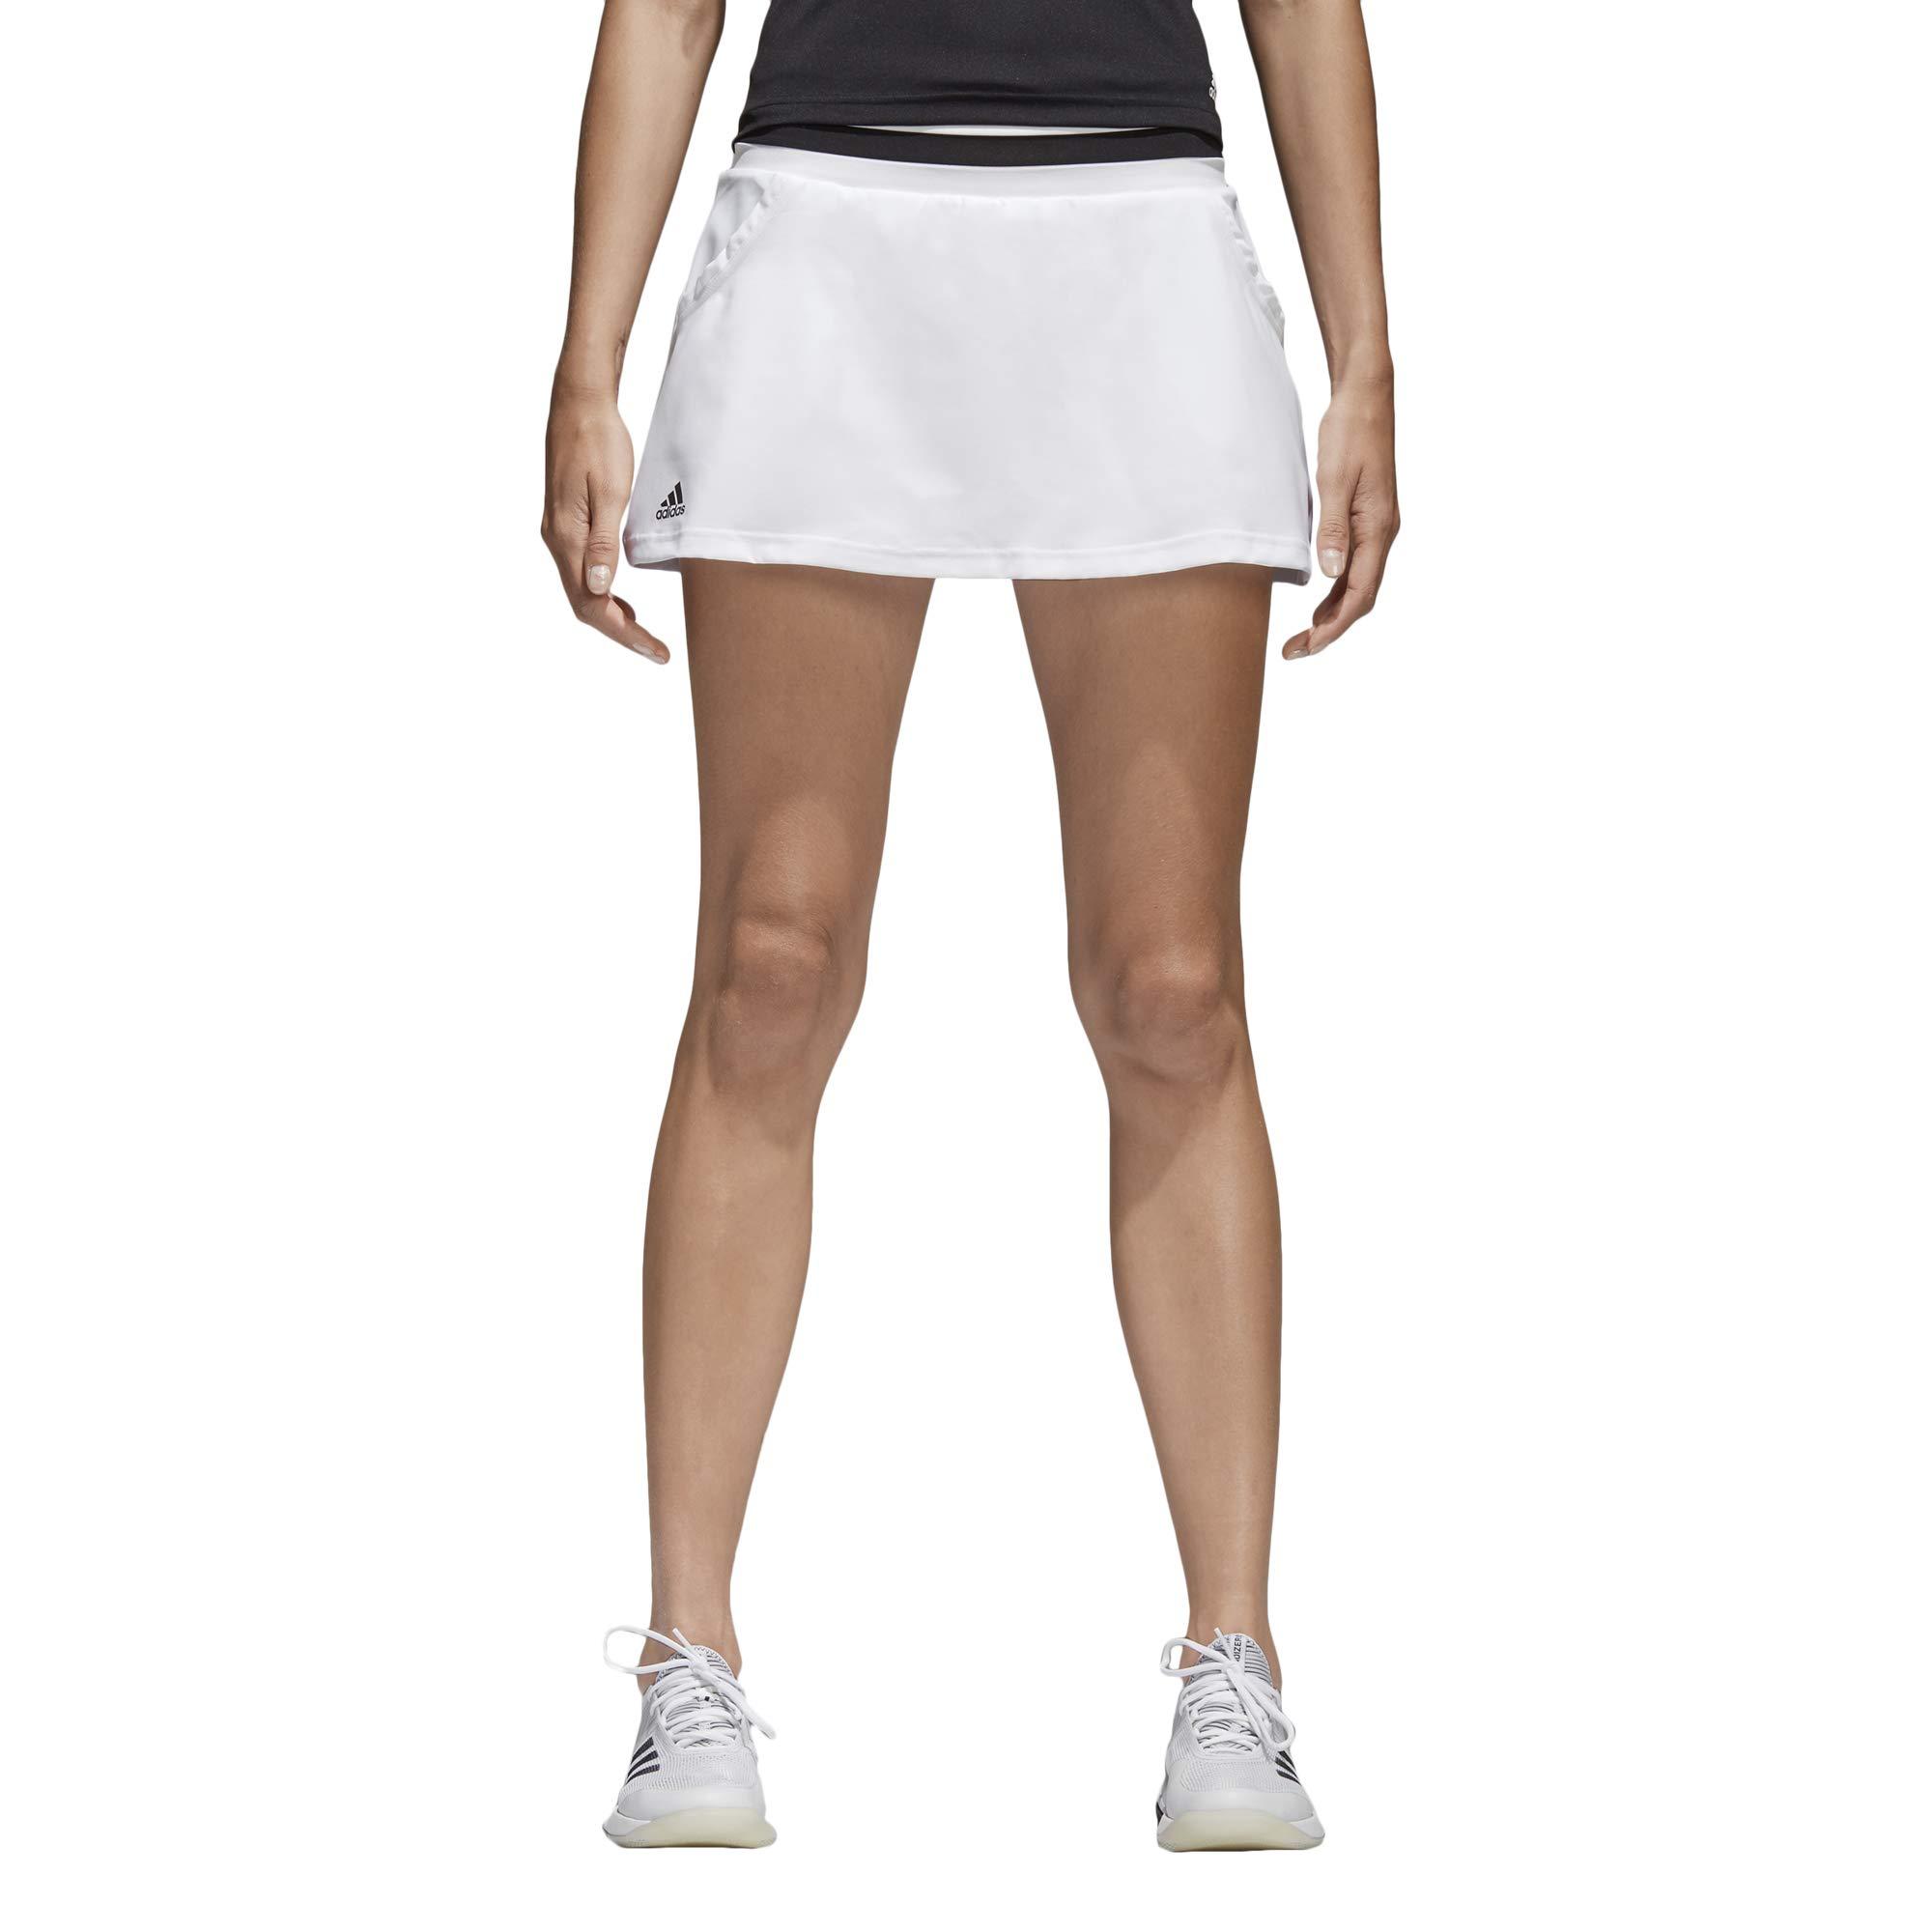 gonna adidas tennis